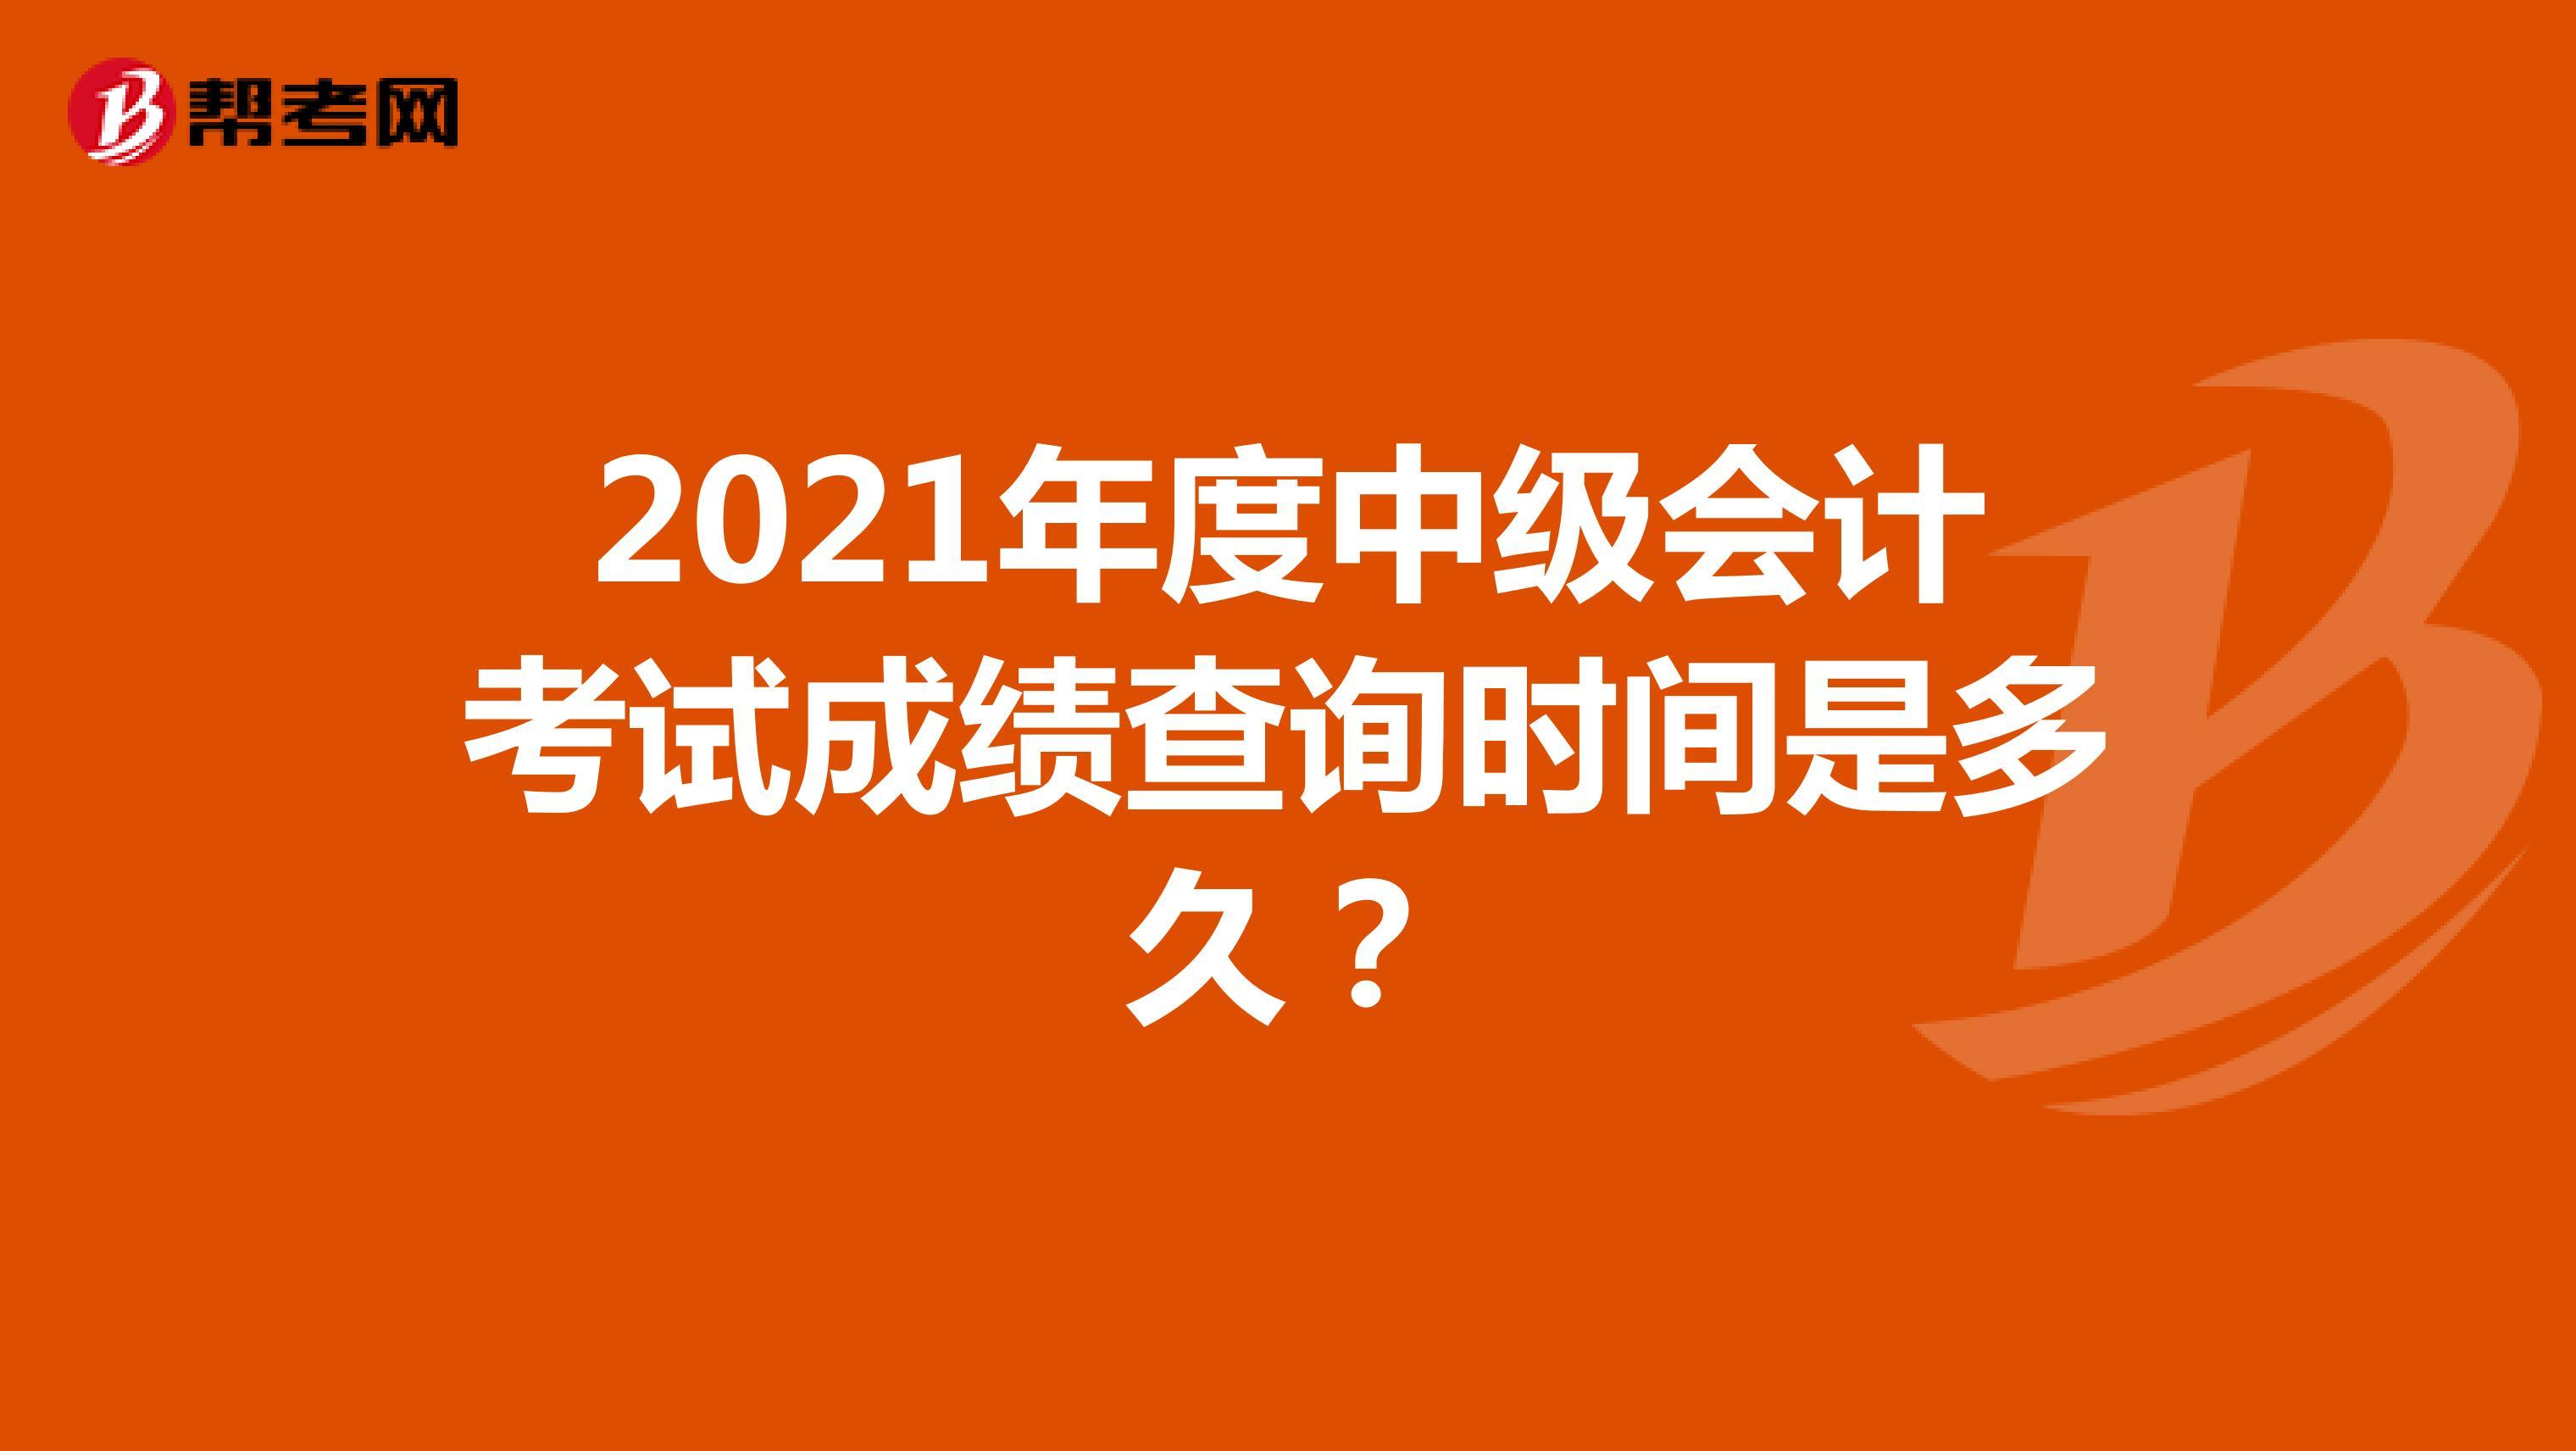 2021年度中级会计考试成绩查询时间是多久?